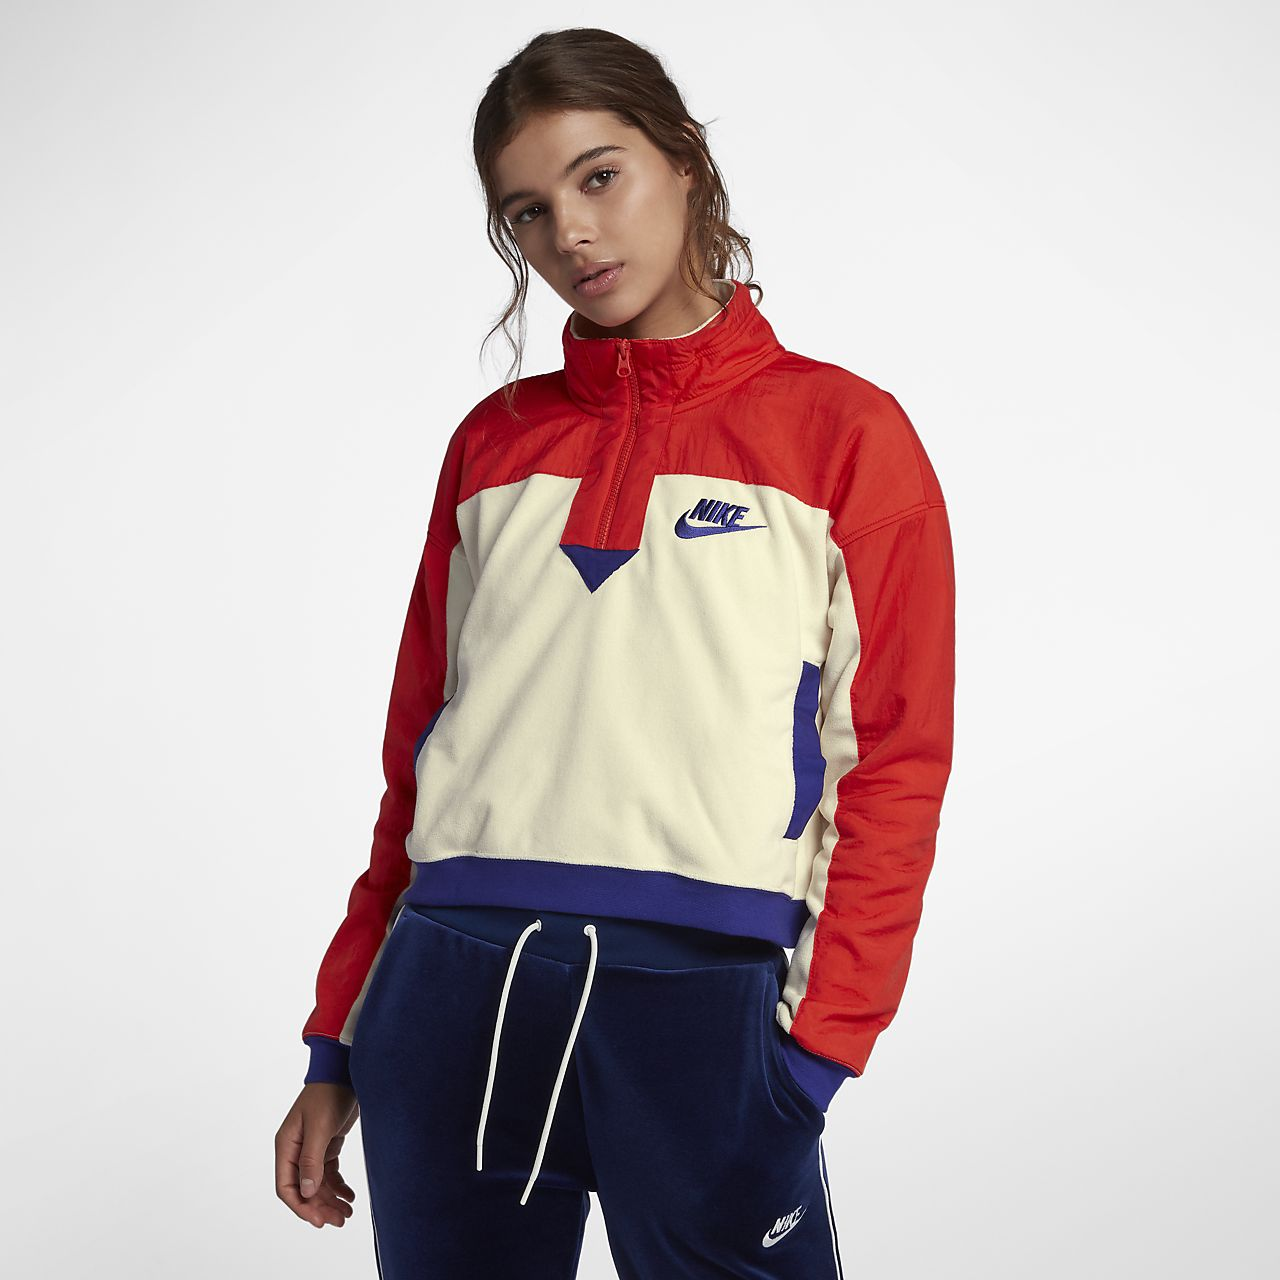 Nike Sportswear Women s Half-Zip Top. Nike.com IL 4bee5217a